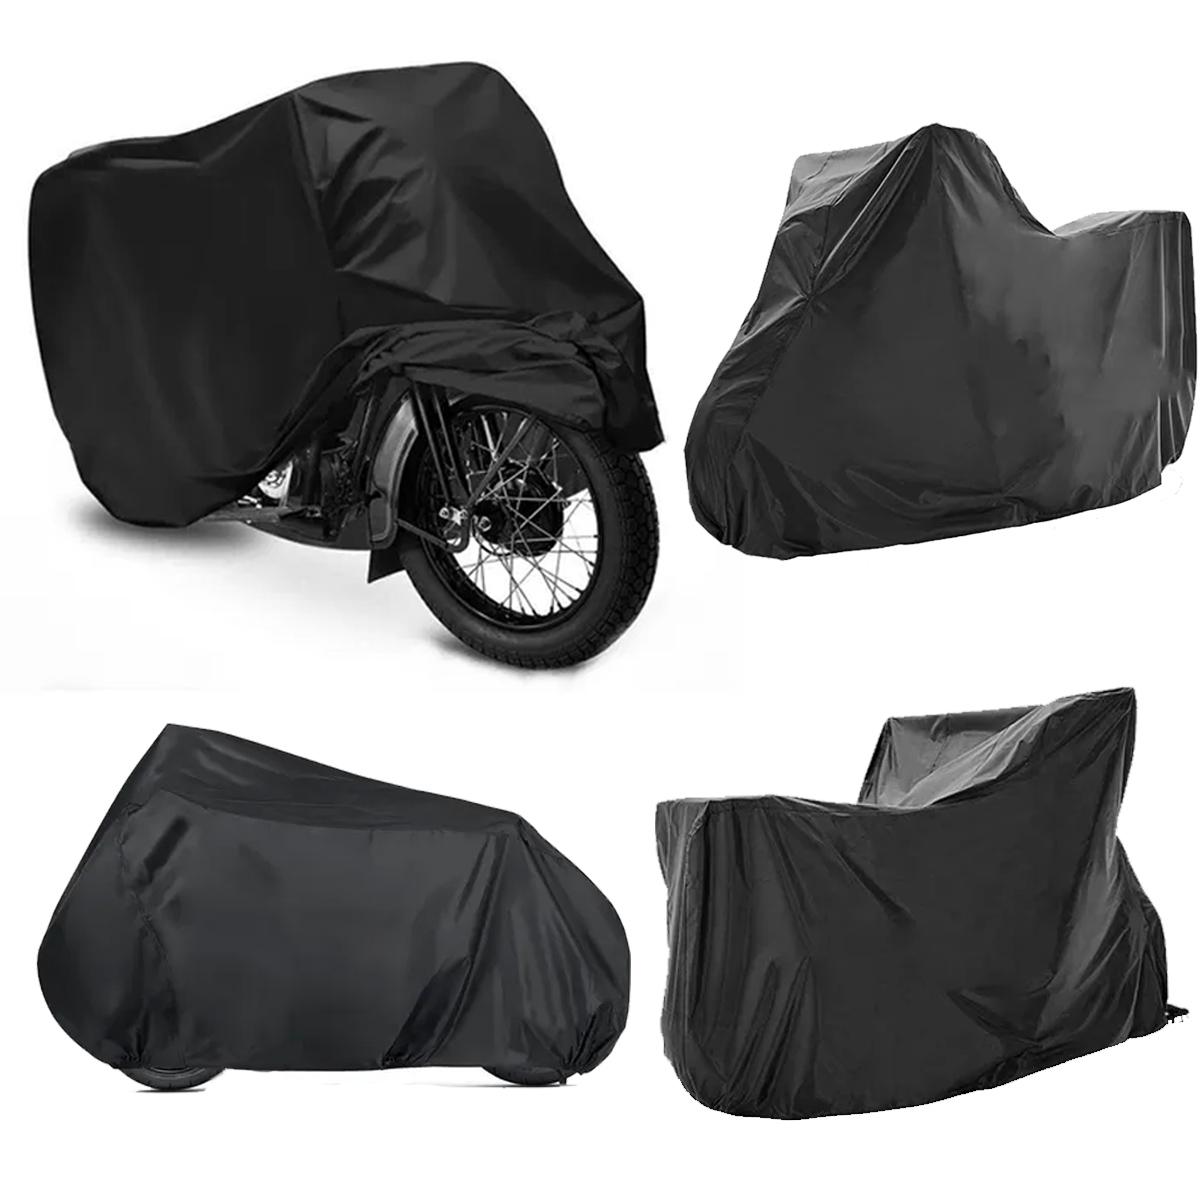 Capa de Moto Forrada Anti-UV Proteção Contra Chuva Vento Poeira Tamanho G Poliparts